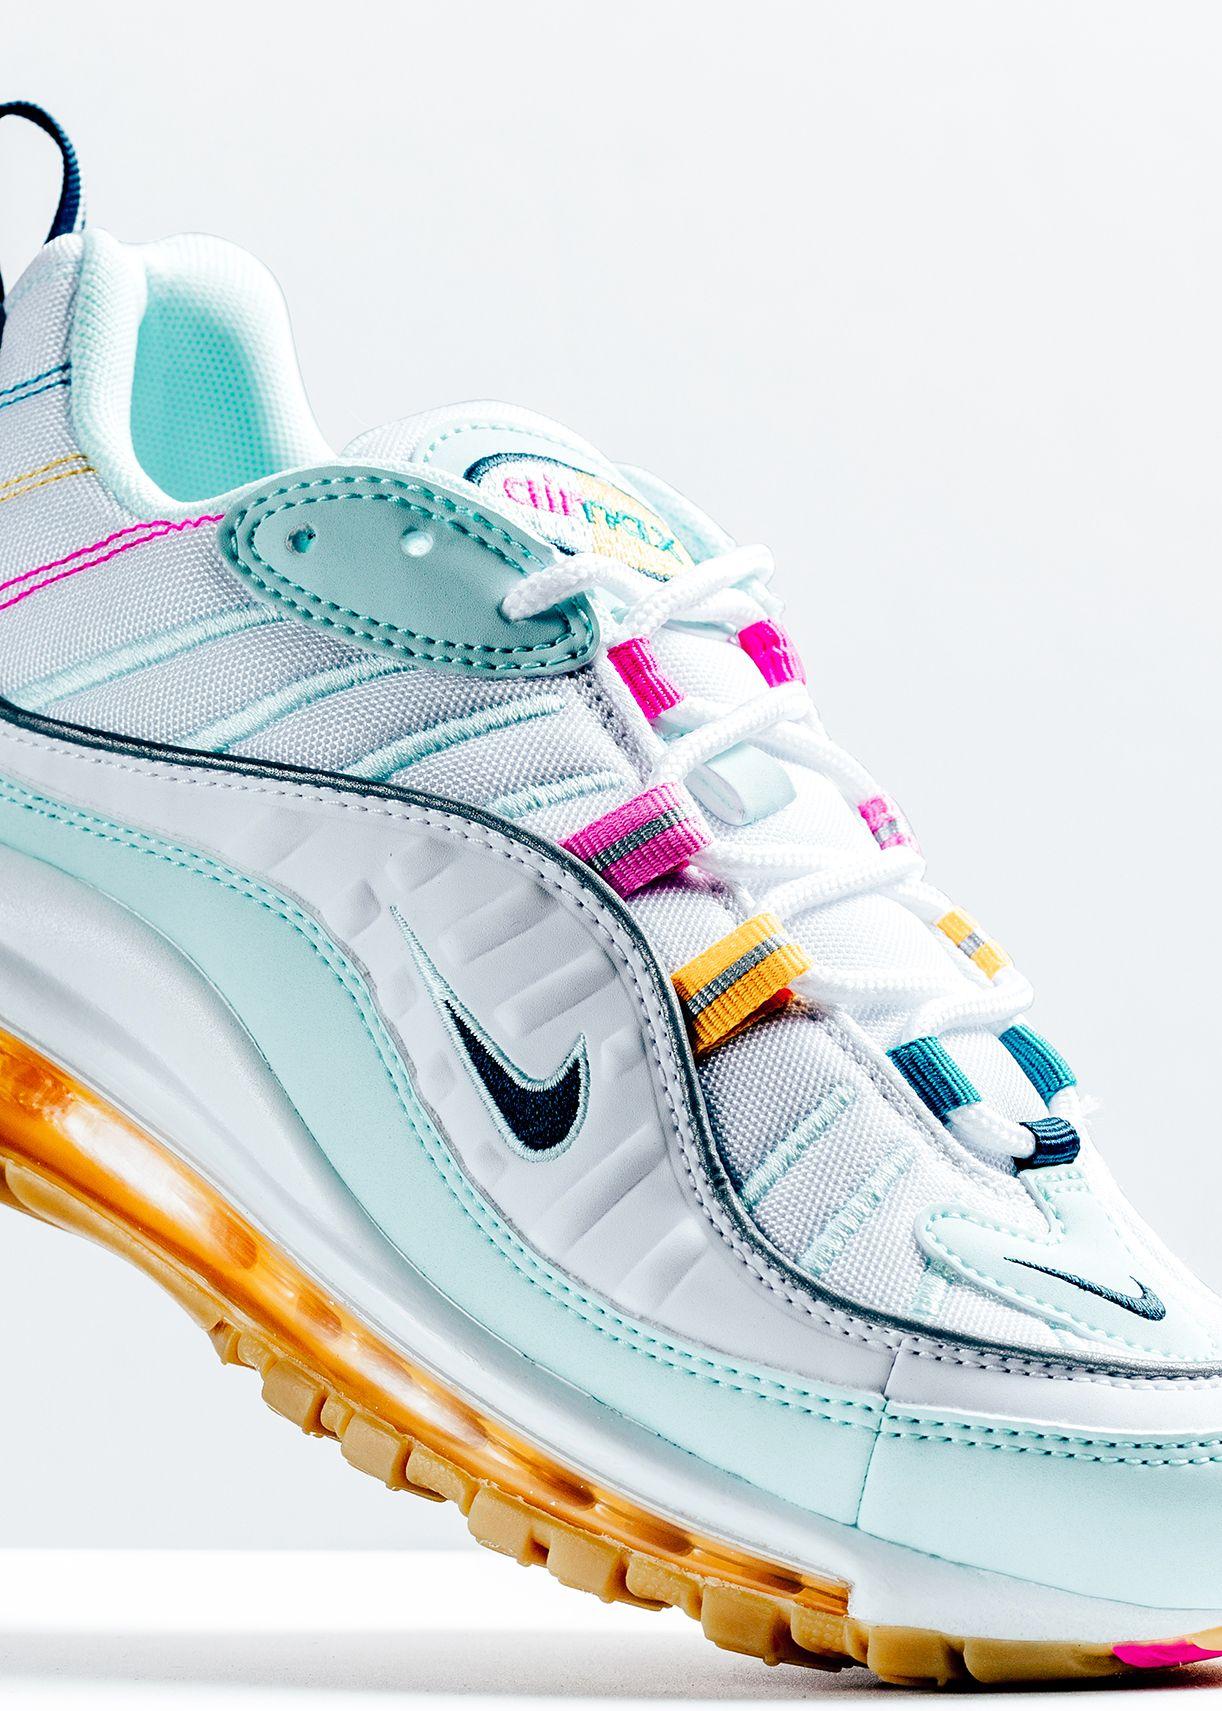 online retailer f0f09 13555 Nike Women's Air Max 98 - Teal Tint/Nightshade/Spirit Teal ...